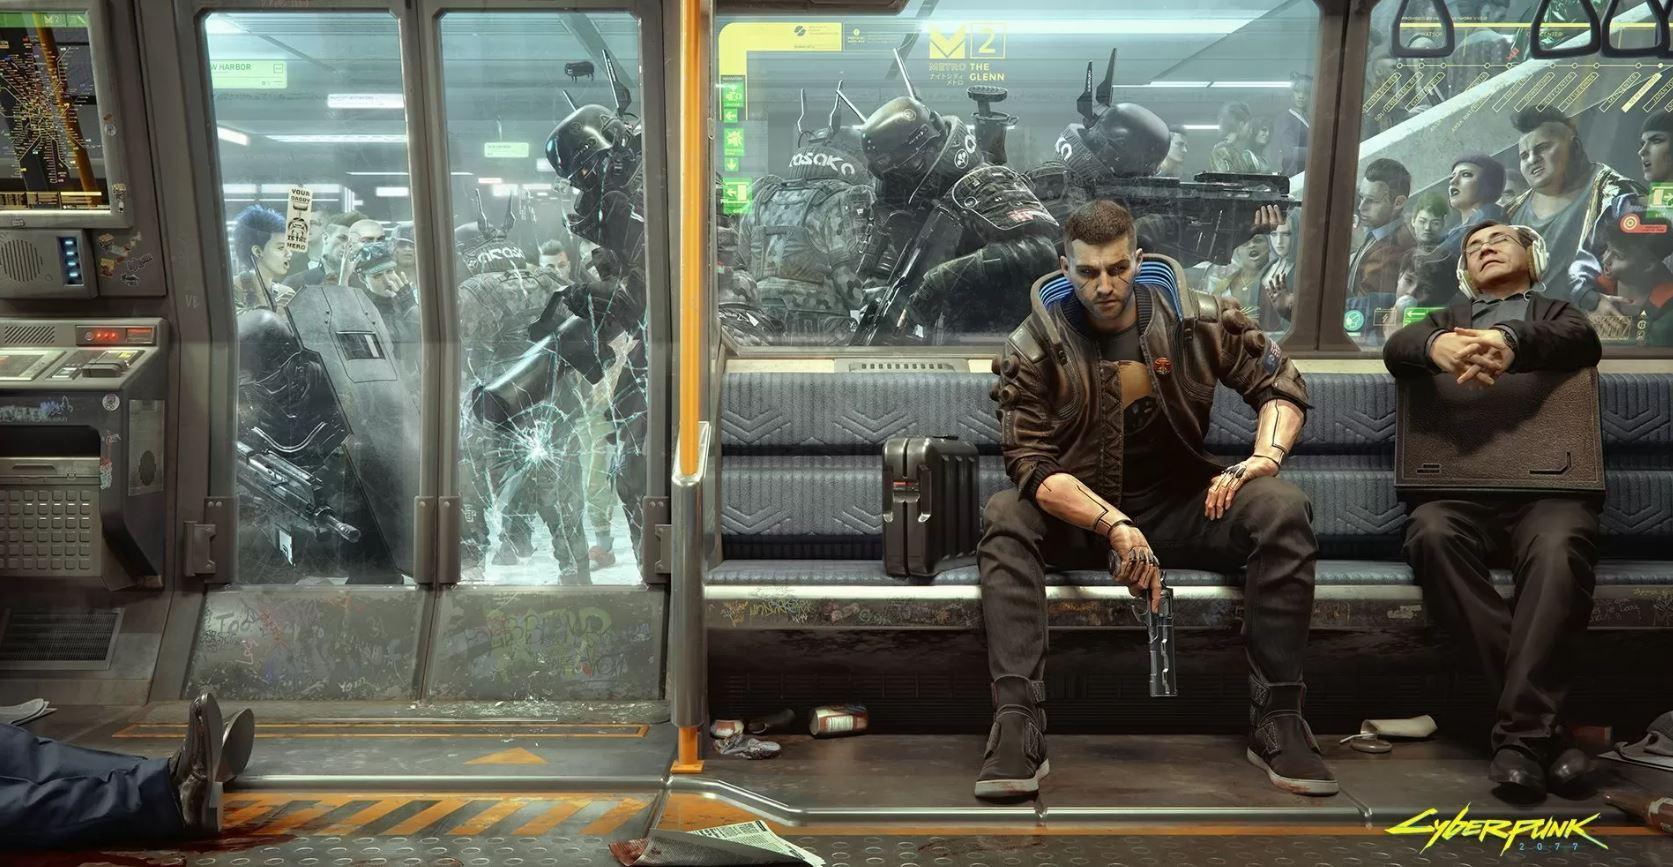 La live di presentazione di Cyberpunk 2077 è stata rimandata thumbnail